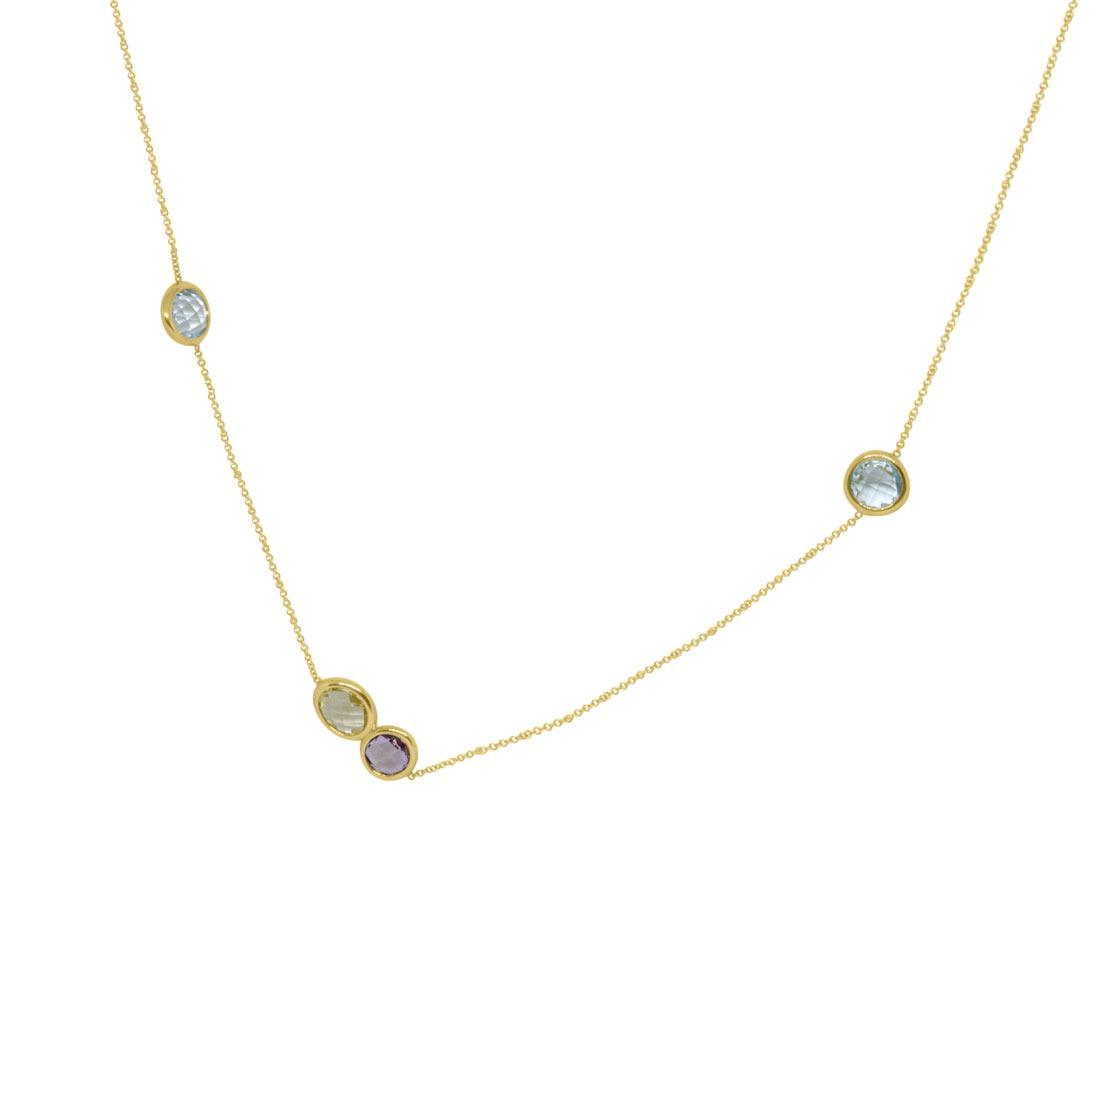 Collana Oro & Co in oro giallo con pietre semi-preziose - ORO&CO